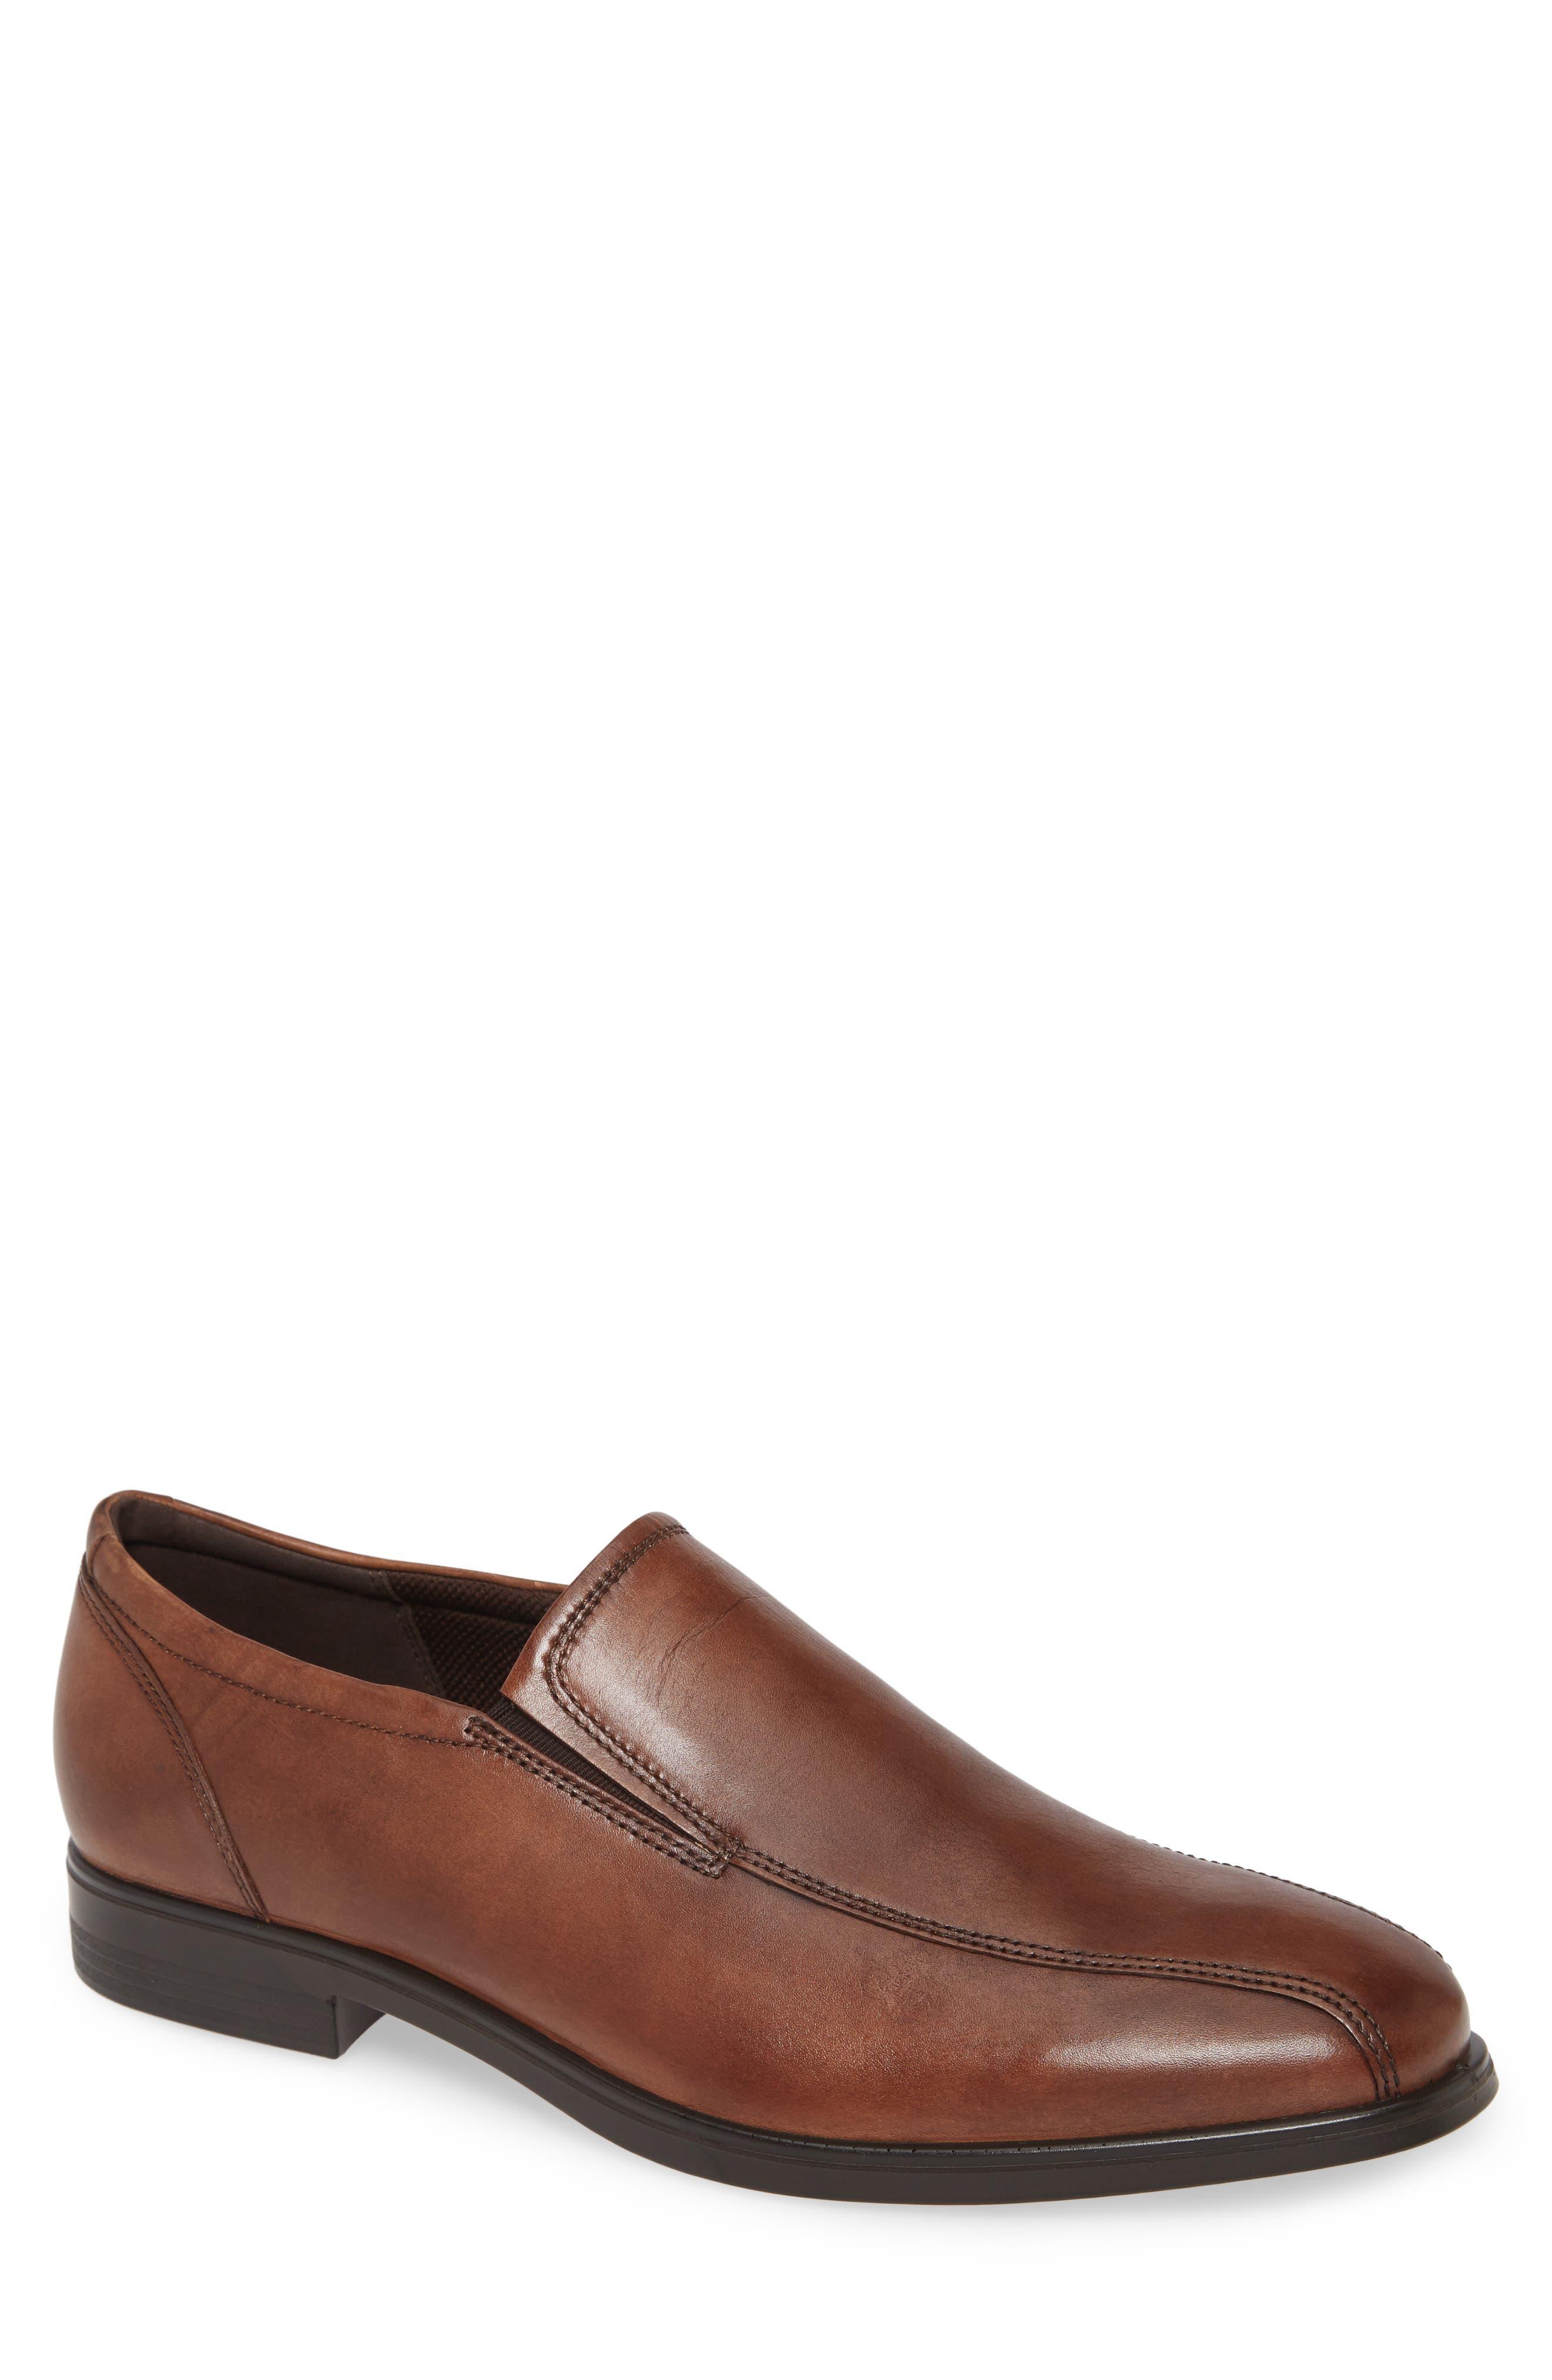 ECCO Men's Ecco Queenstown Venetian Loafer, Size 6-6.5US - Brown